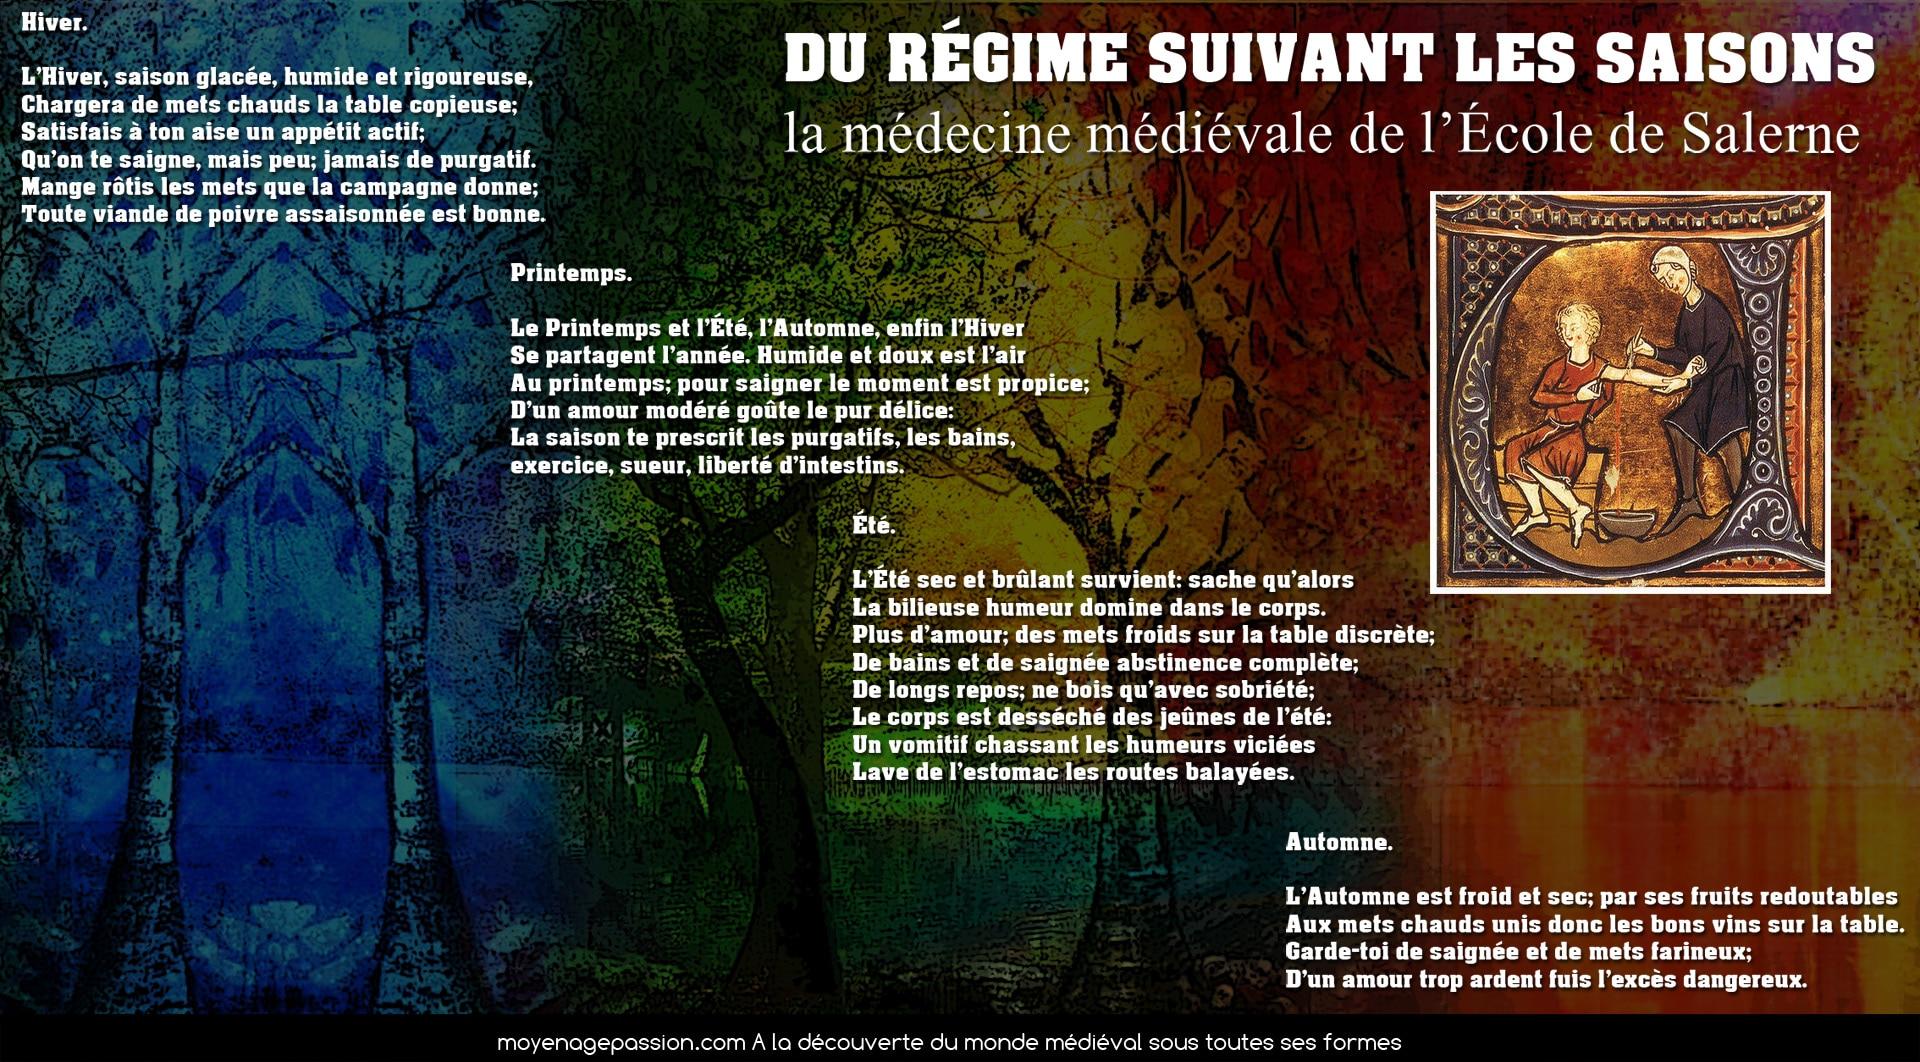 citations_medecine_medievale_ecole_de_salerne_regimen_sanitatis_influence_saisons_saignee_phlebotomies_moyen-age_central